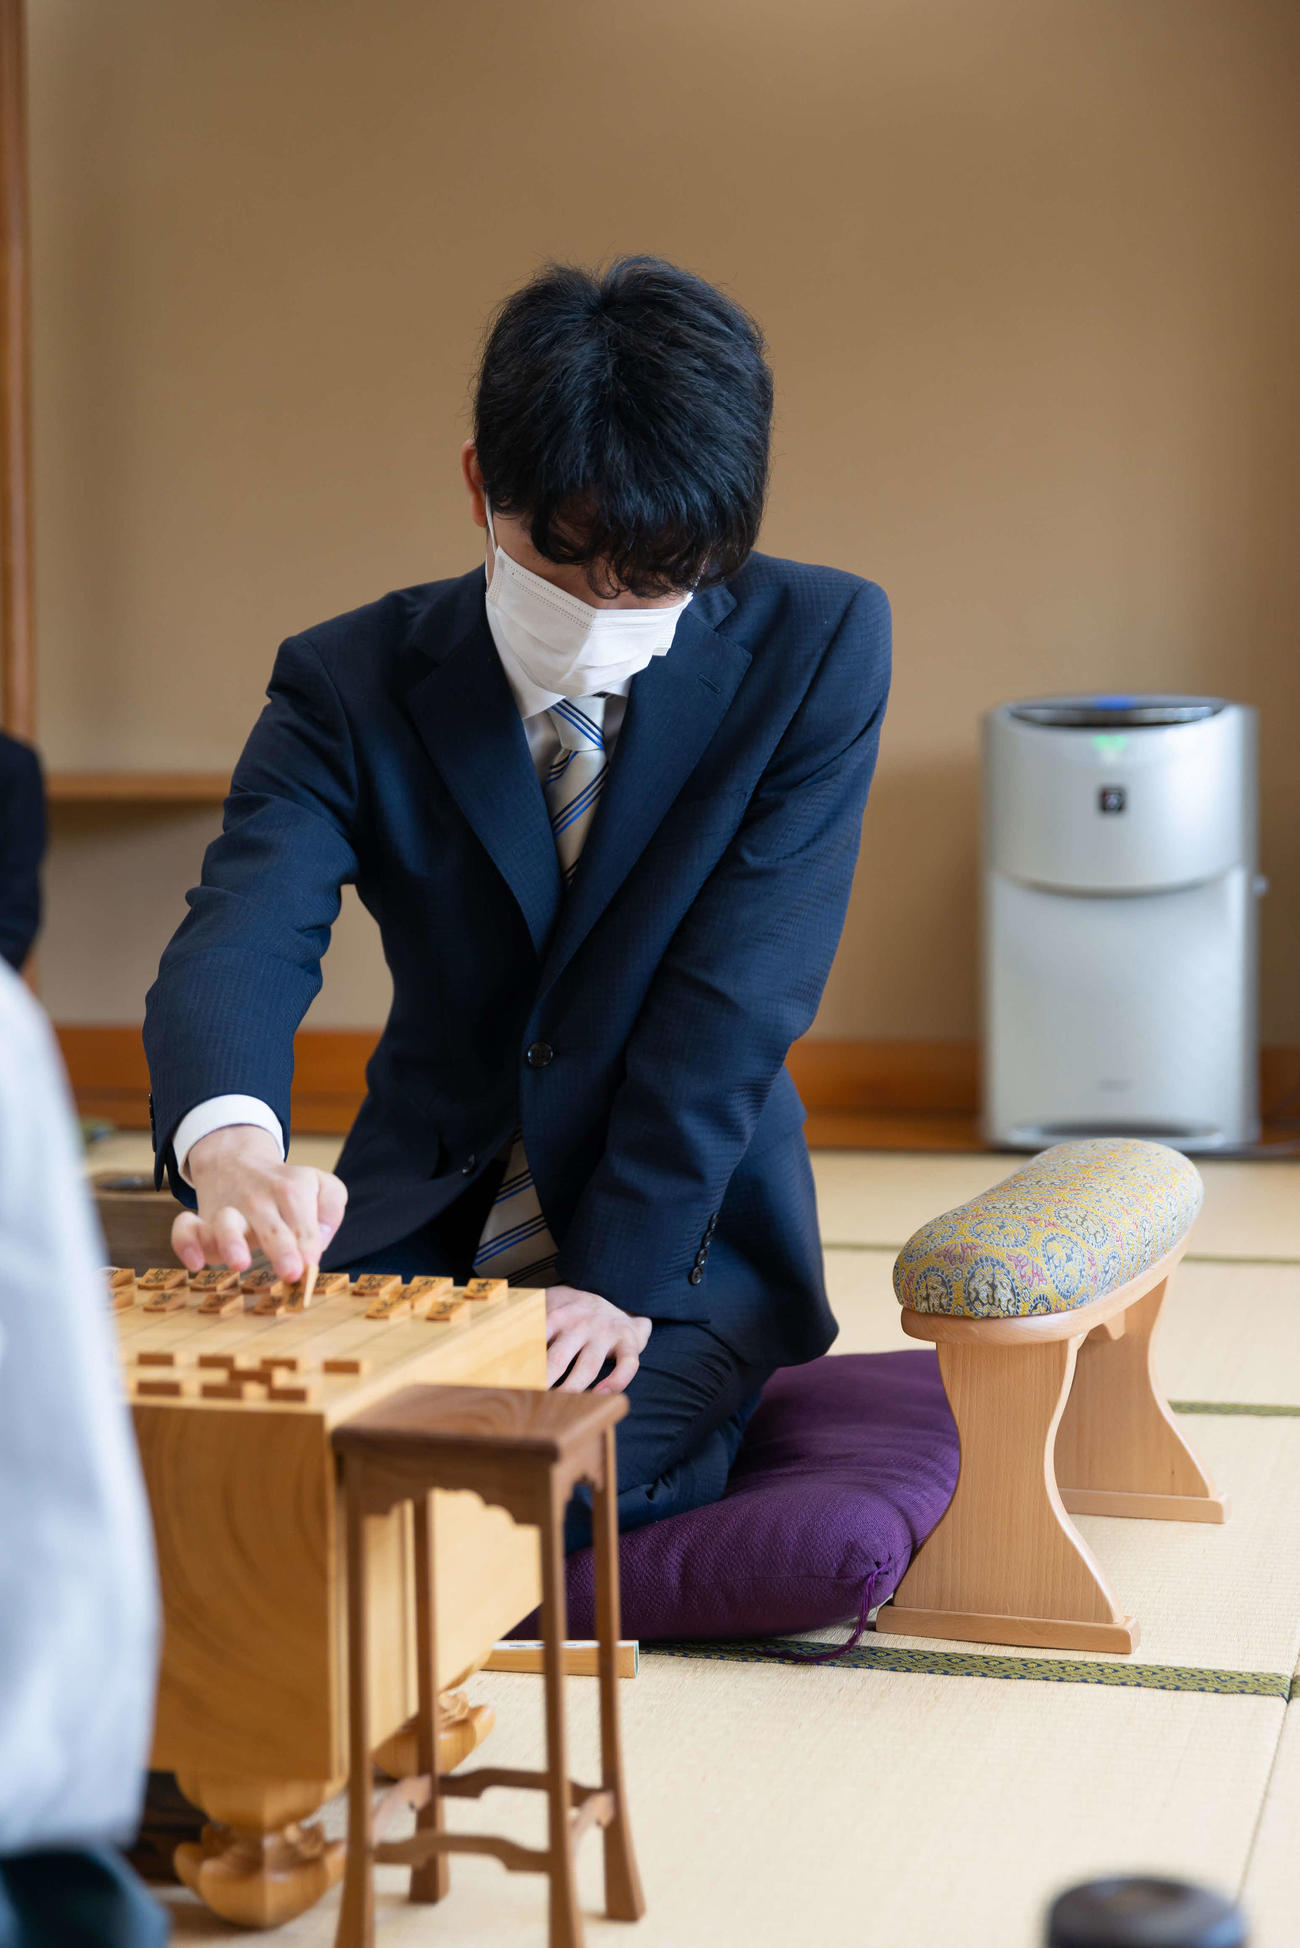 第91期棋聖戦5番勝負の第1局で初手を指す藤井聡太七段(日本将棋連盟提供)